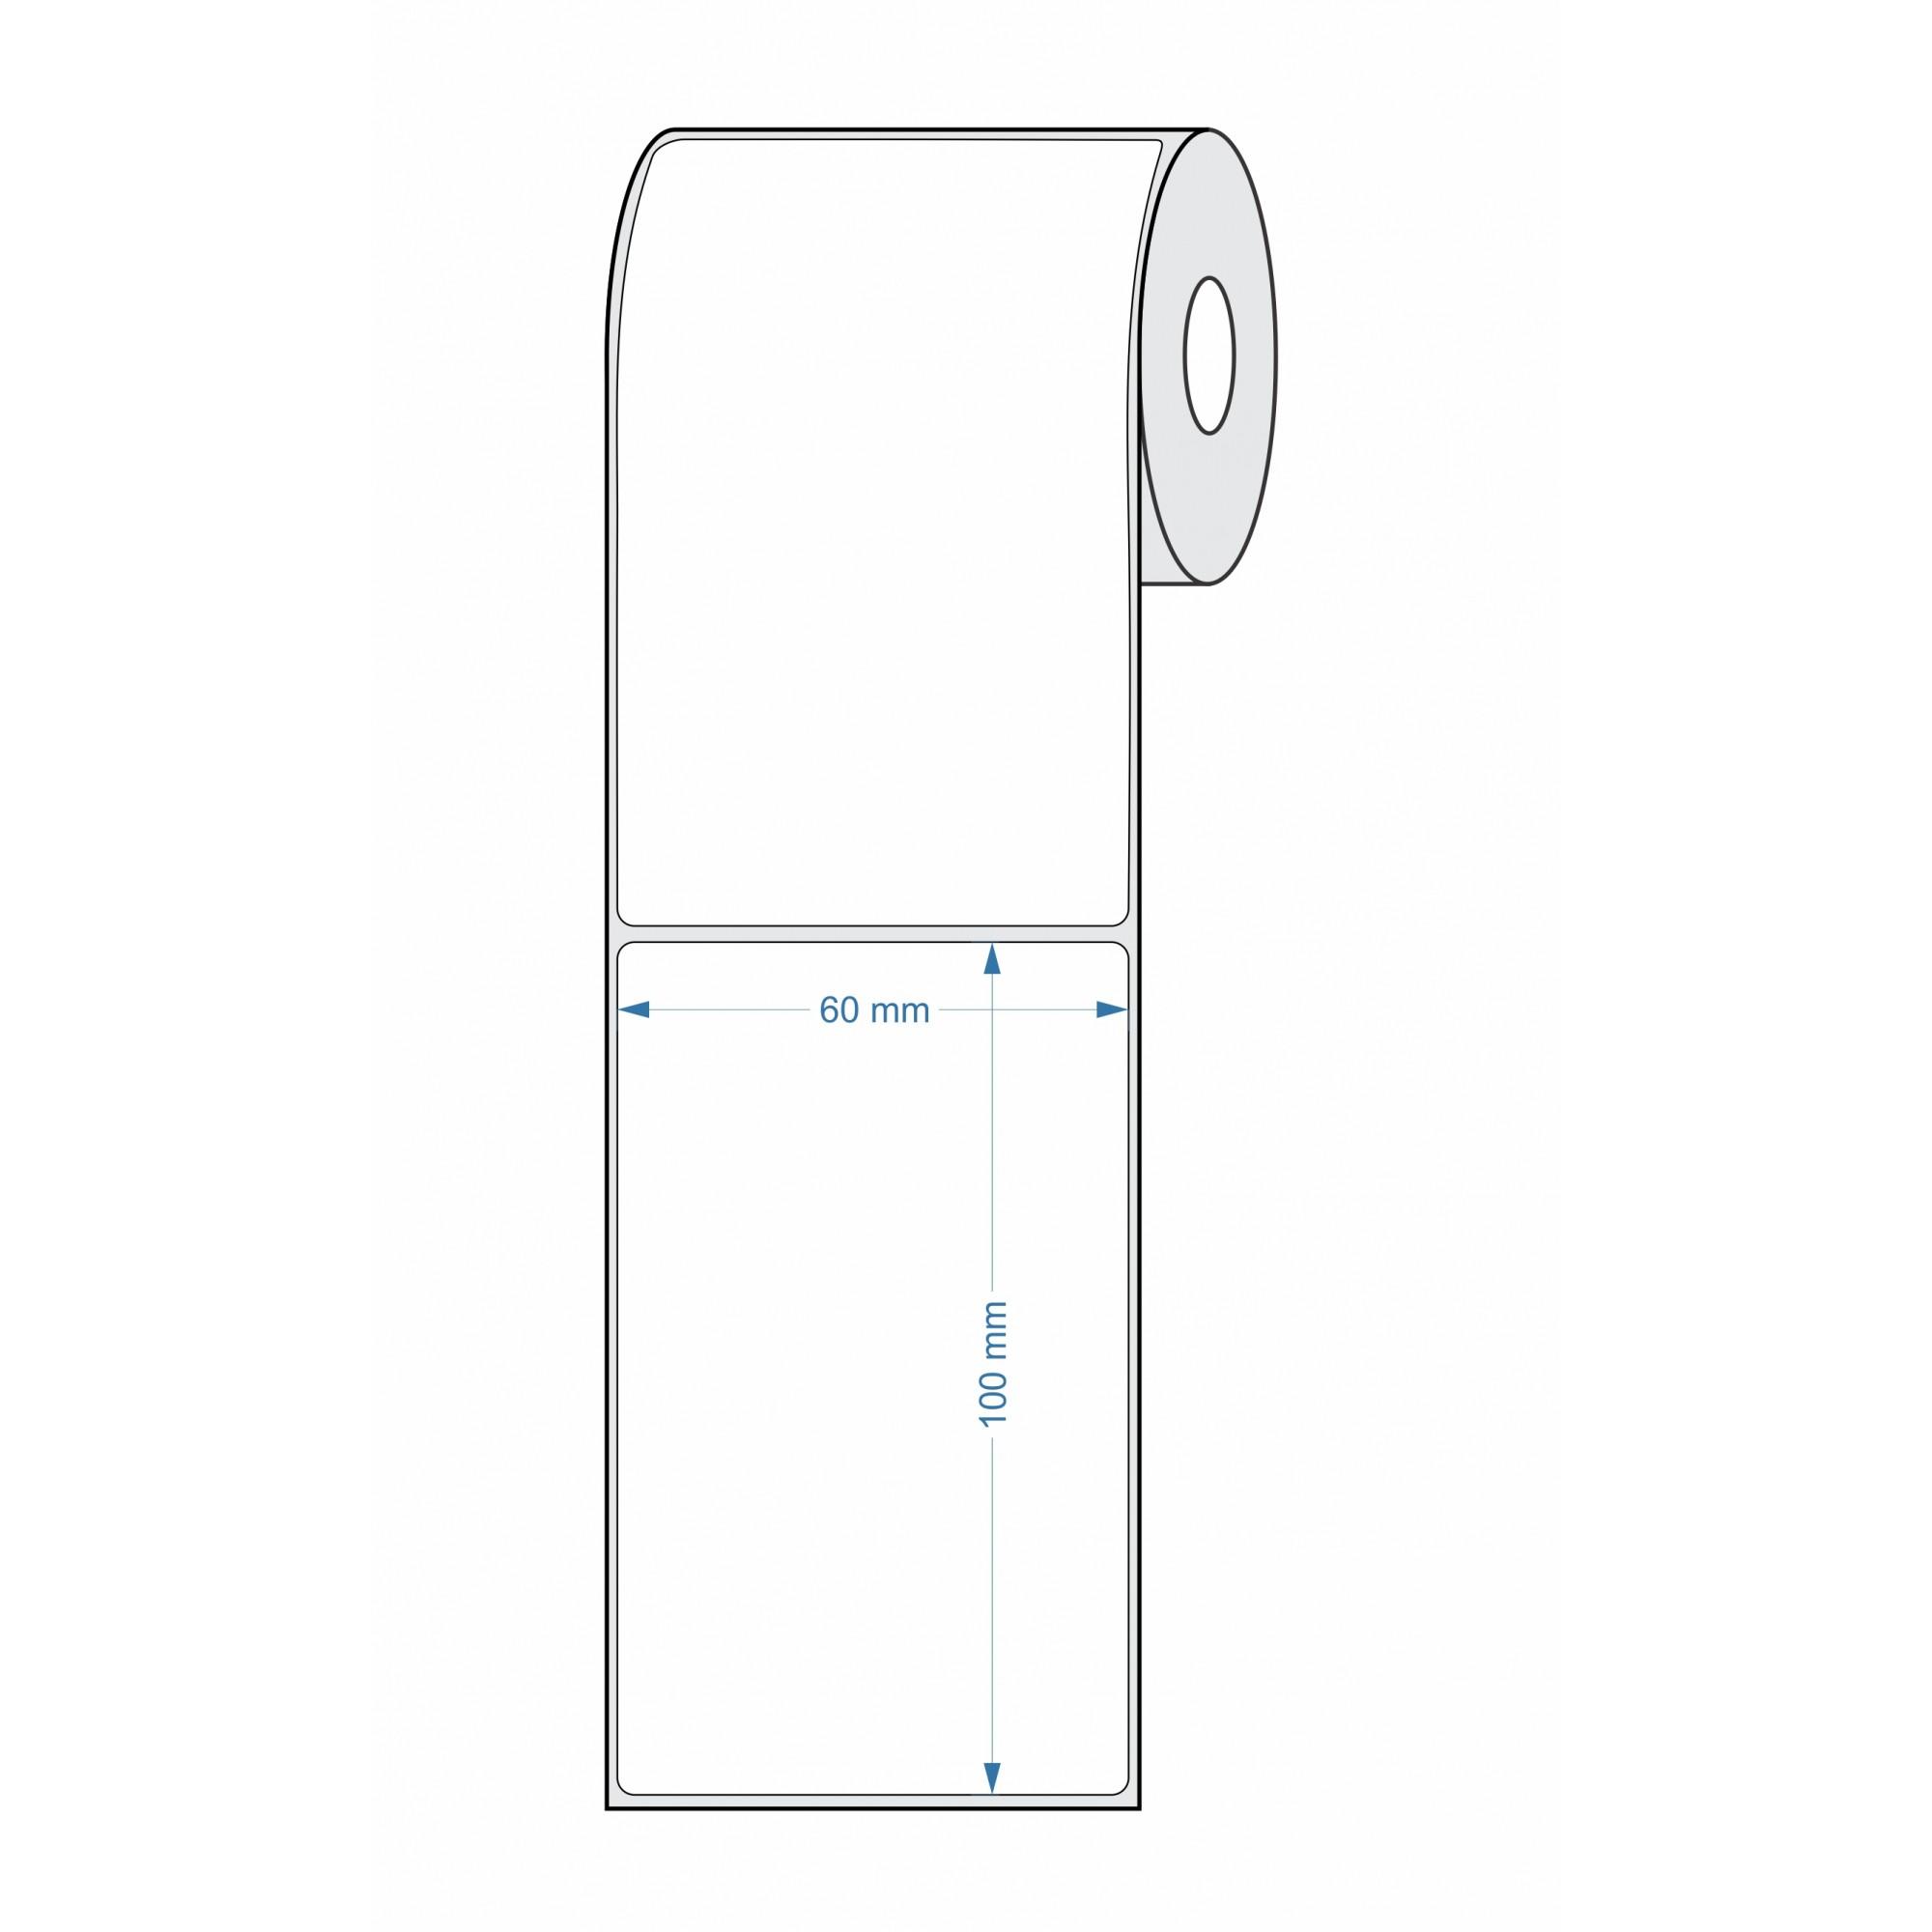 Etiquetas Adesivas para Balança 60x100 25 metros - 10 Rolos